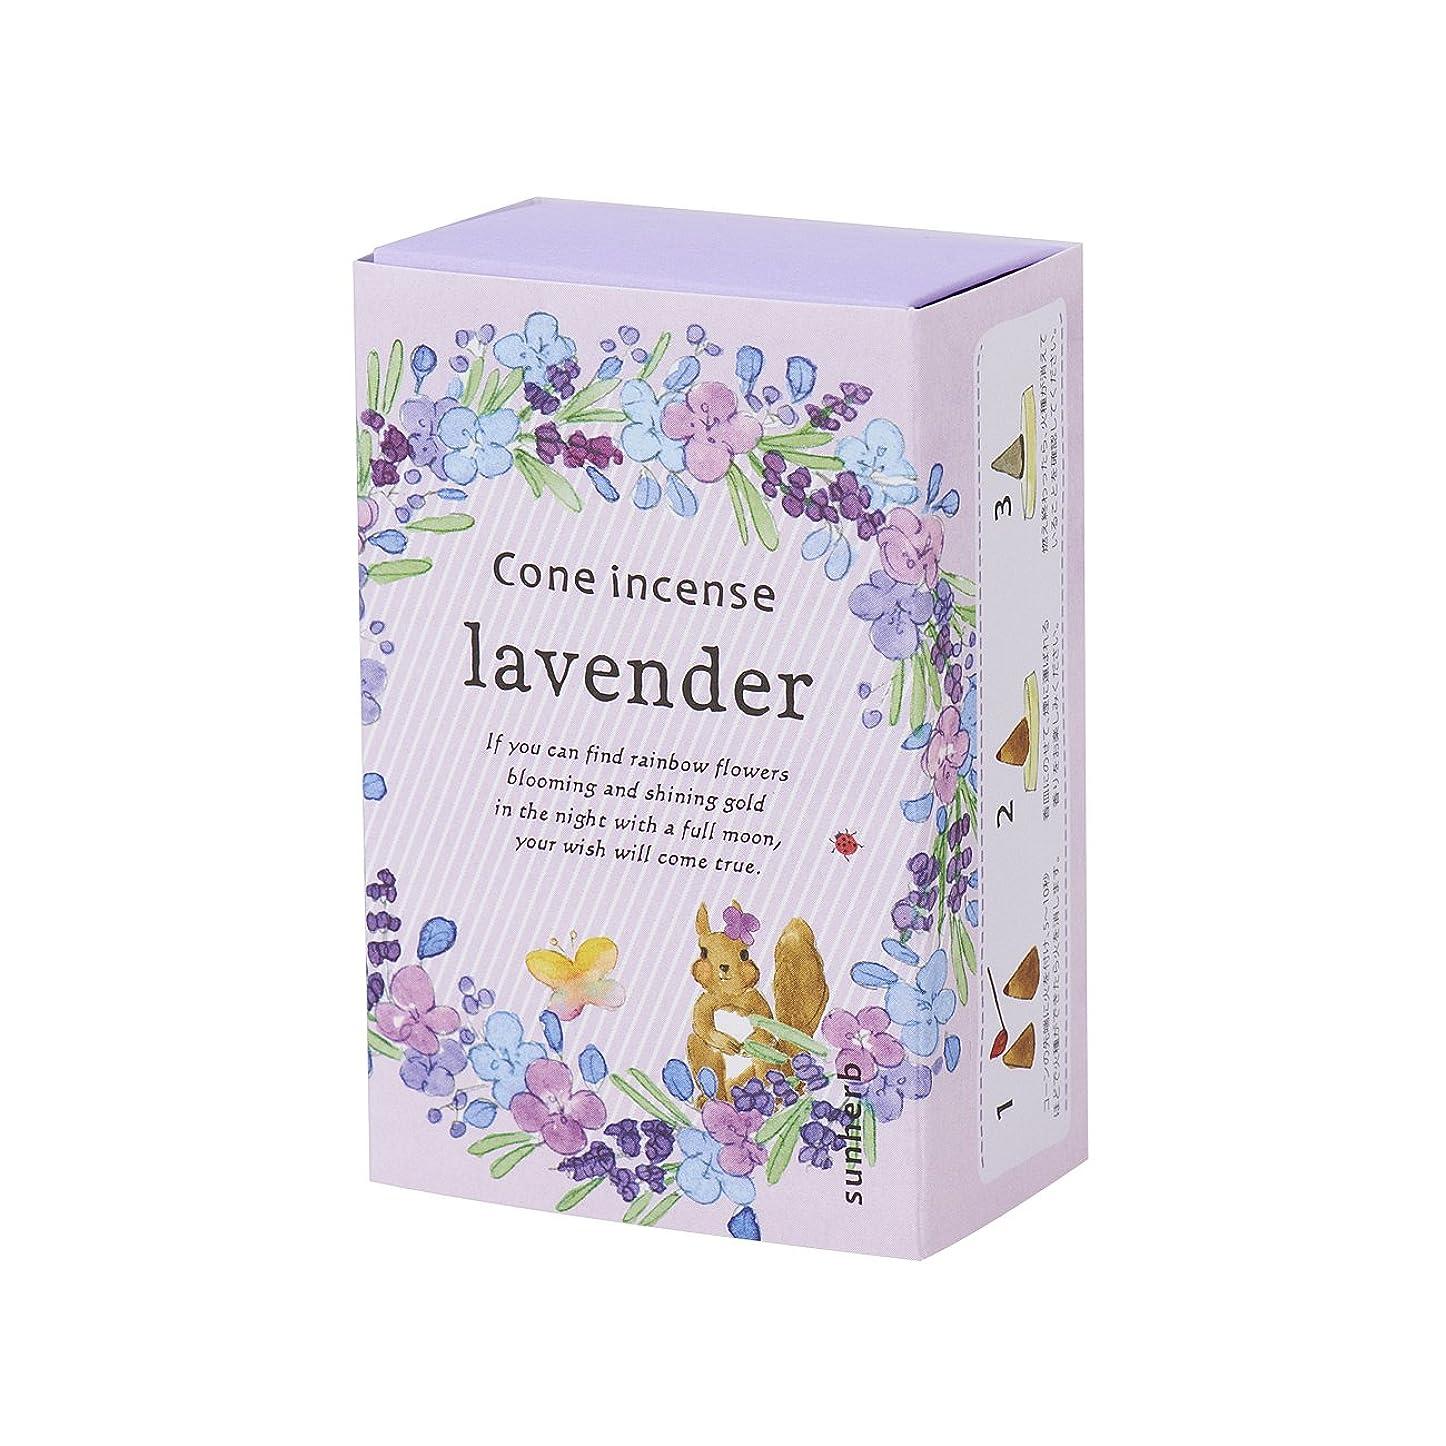 サンハーブ お香 コーンタイプ ラベンダー 16粒(インセンス 燃焼時間約20分 ふわっと爽やかなラベンダーの香り)